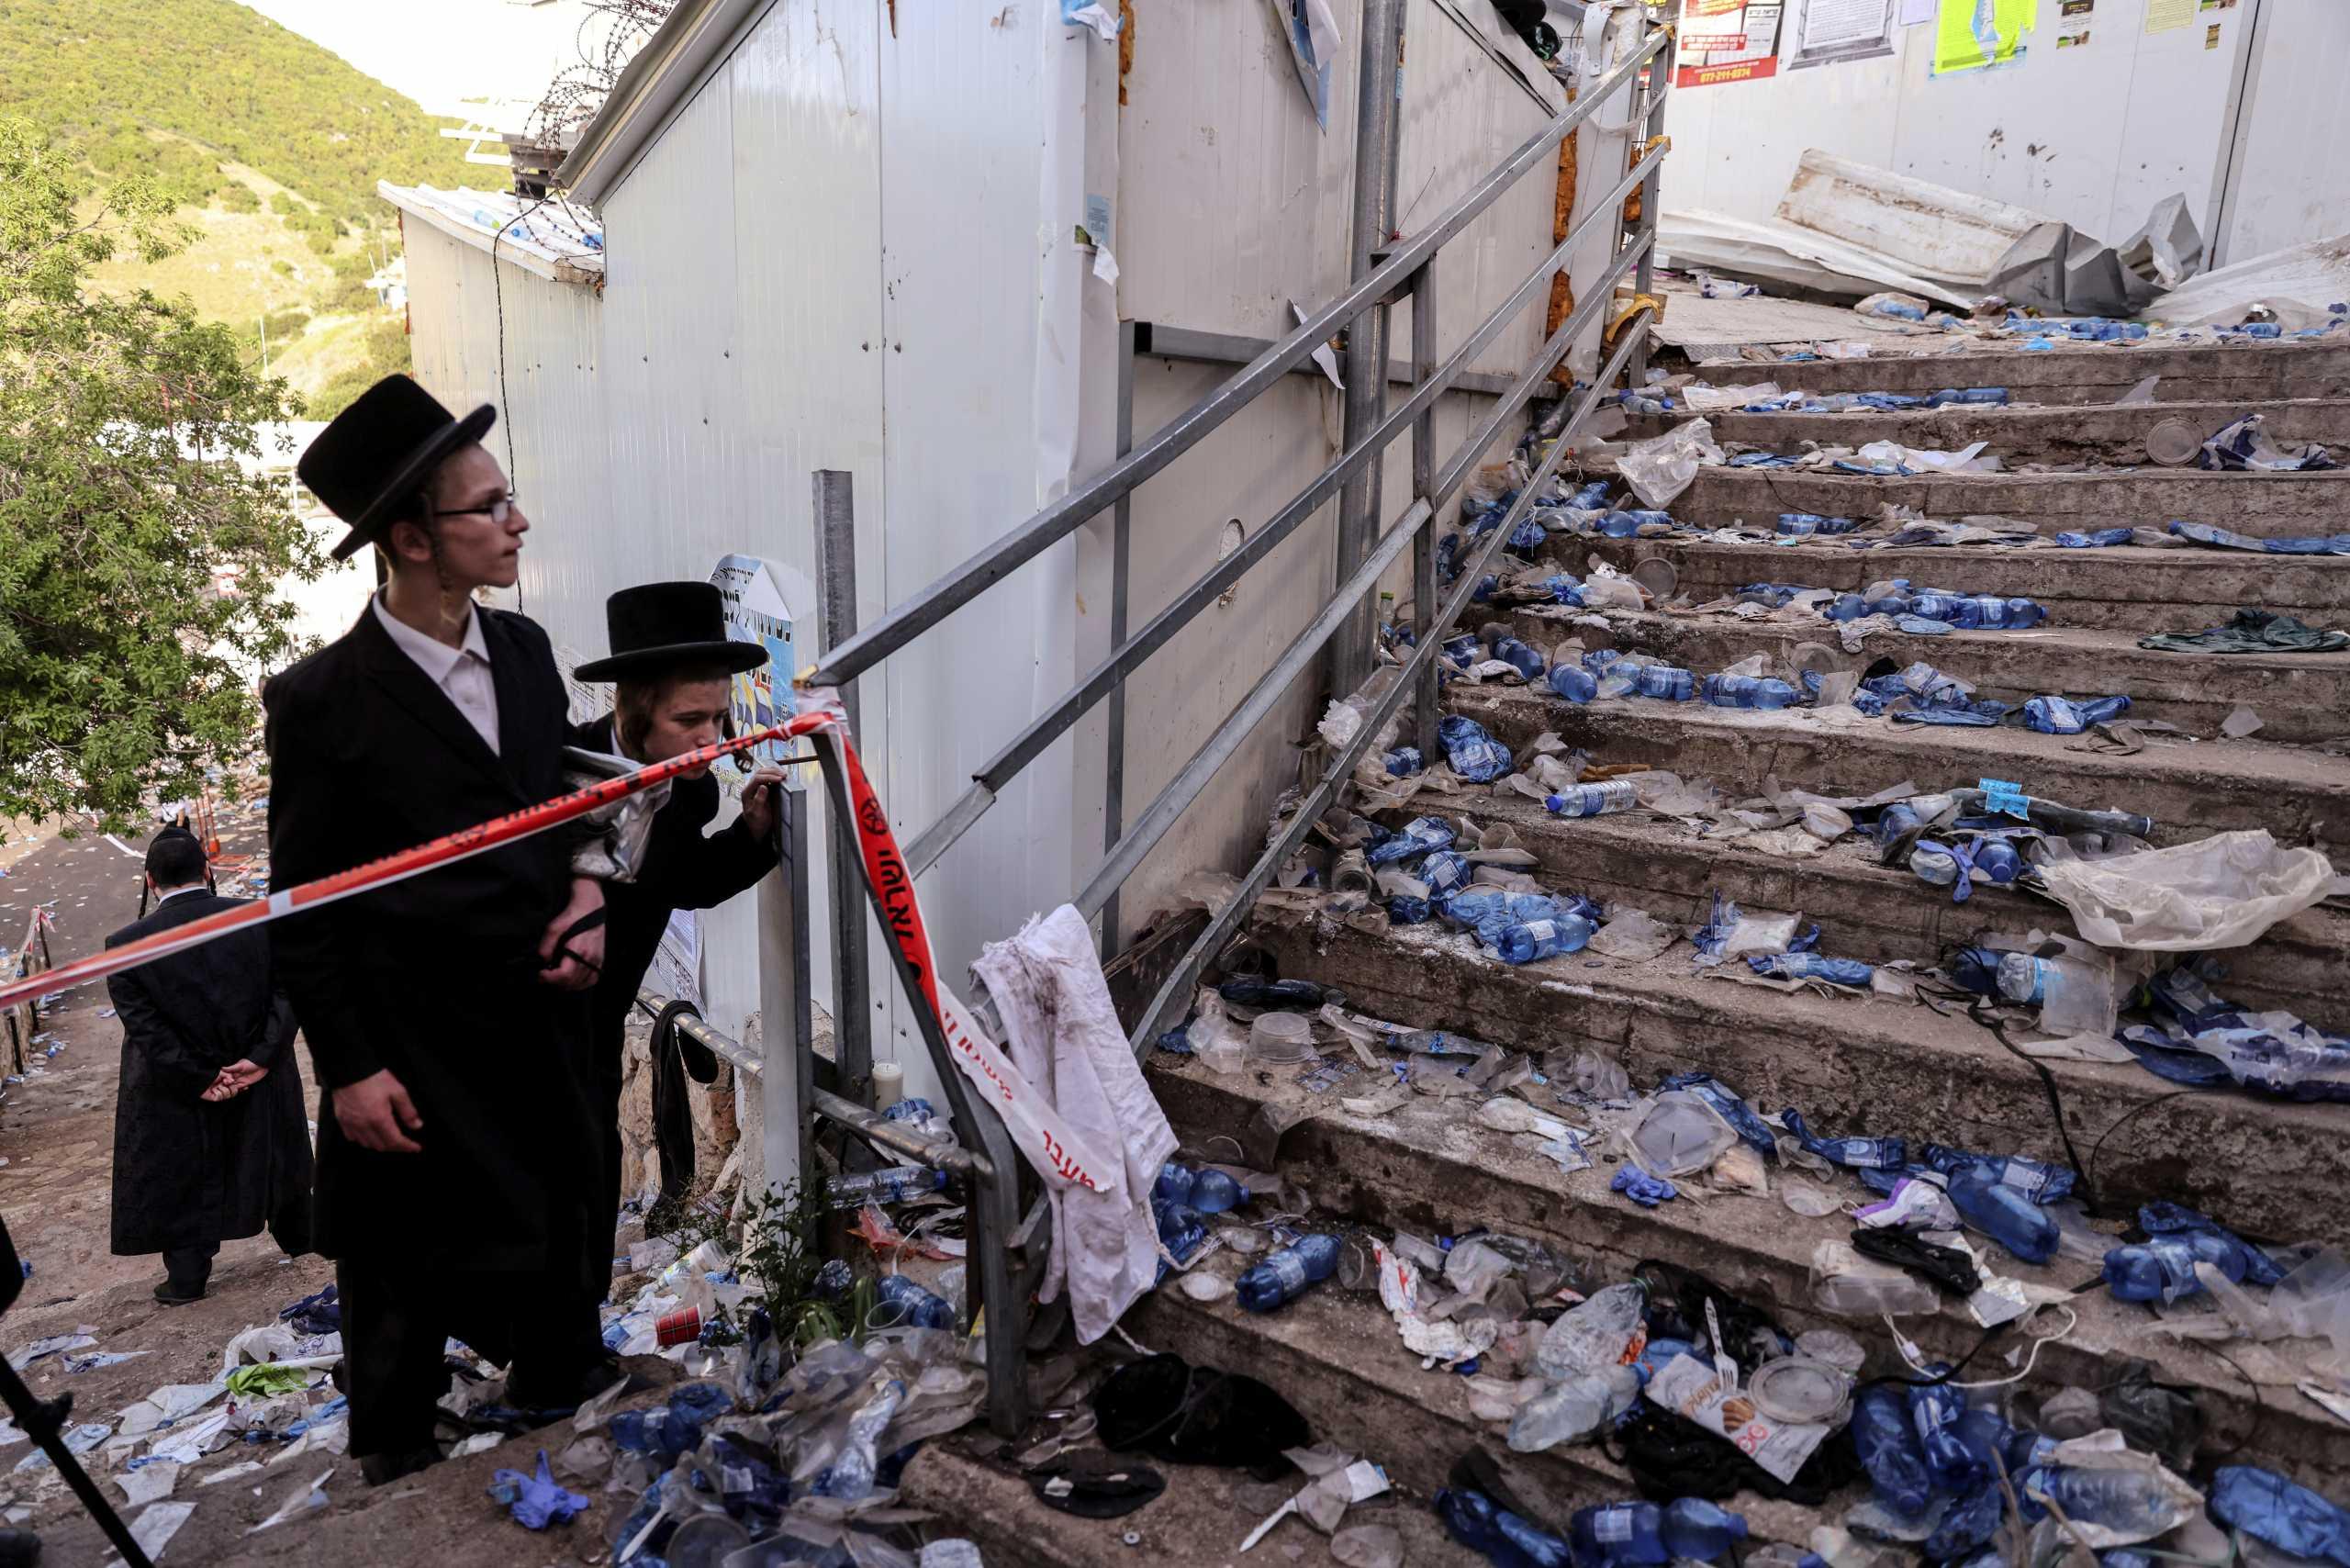 Τραγωδία στο Ισραήλ: «Βρήκαμε παιδιά ποδοπατημένα» πανικός και πτώματα παντού - Τρομακτικά video